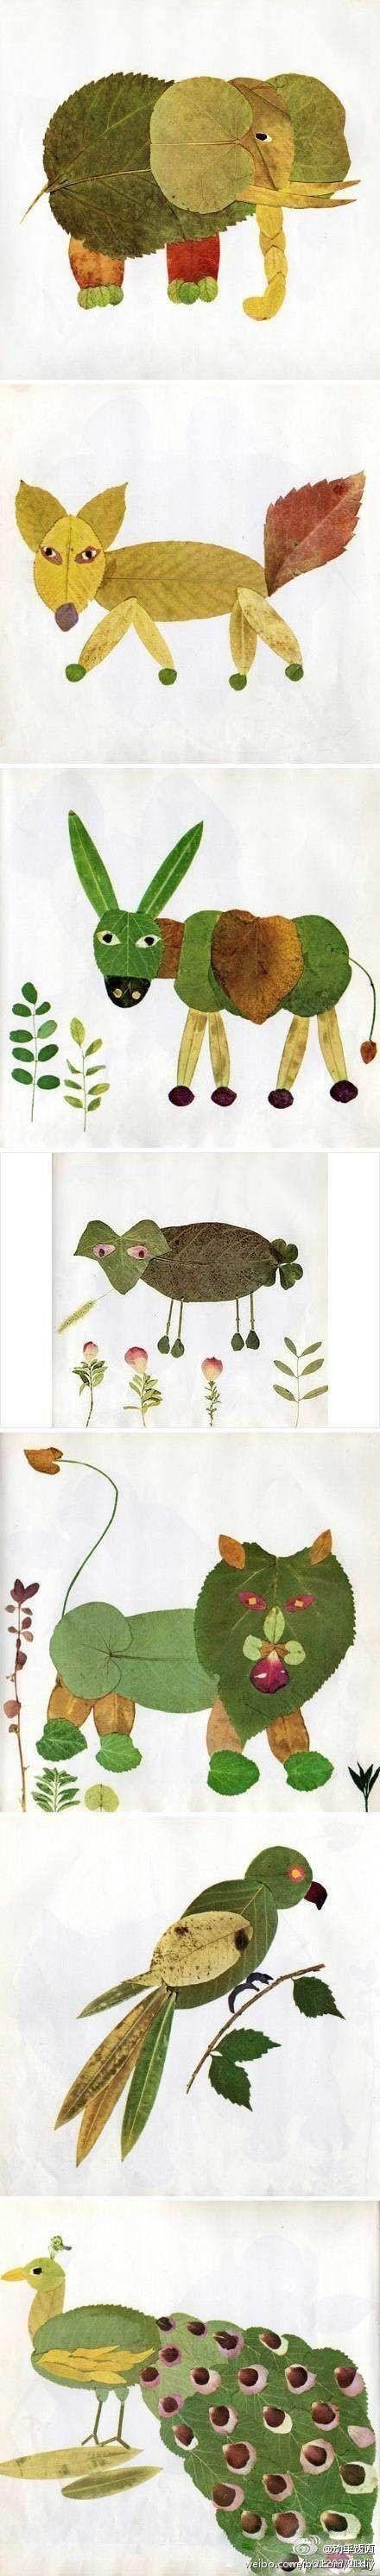 animales con hojas - Handfie